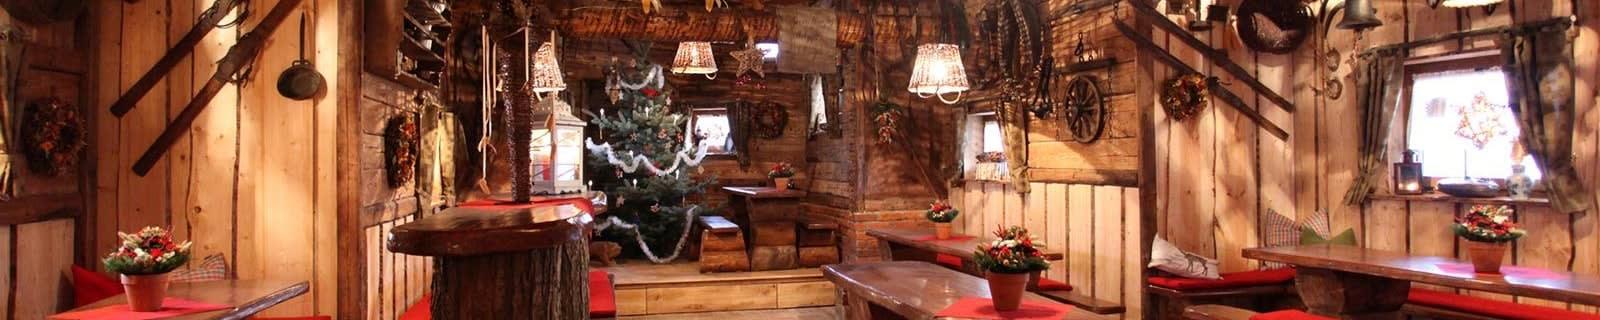 Alte Kelter weihnachtliche Holzeinrichtung